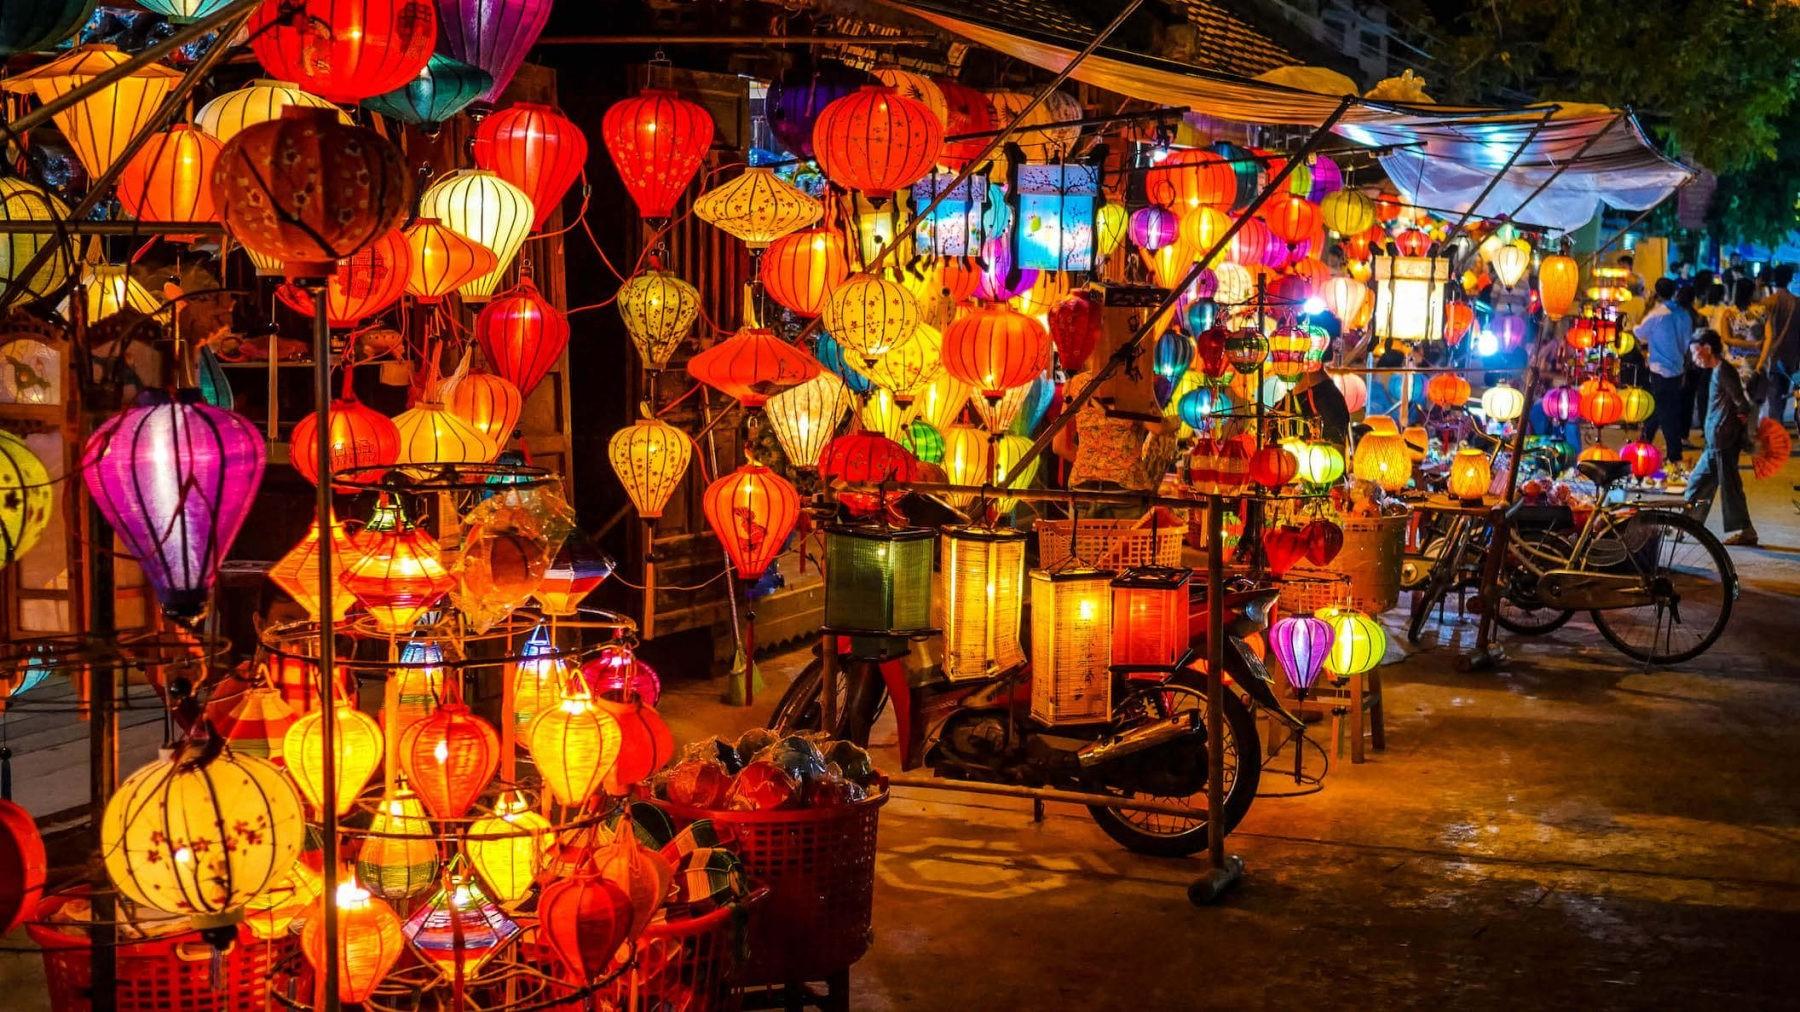 Chợ đêm Hội An – Quảng Nam | 6 chợ nổi tiếng ở Việt Nam mà bạn sẽ thích thú khi ghé thăm | Brain Berries